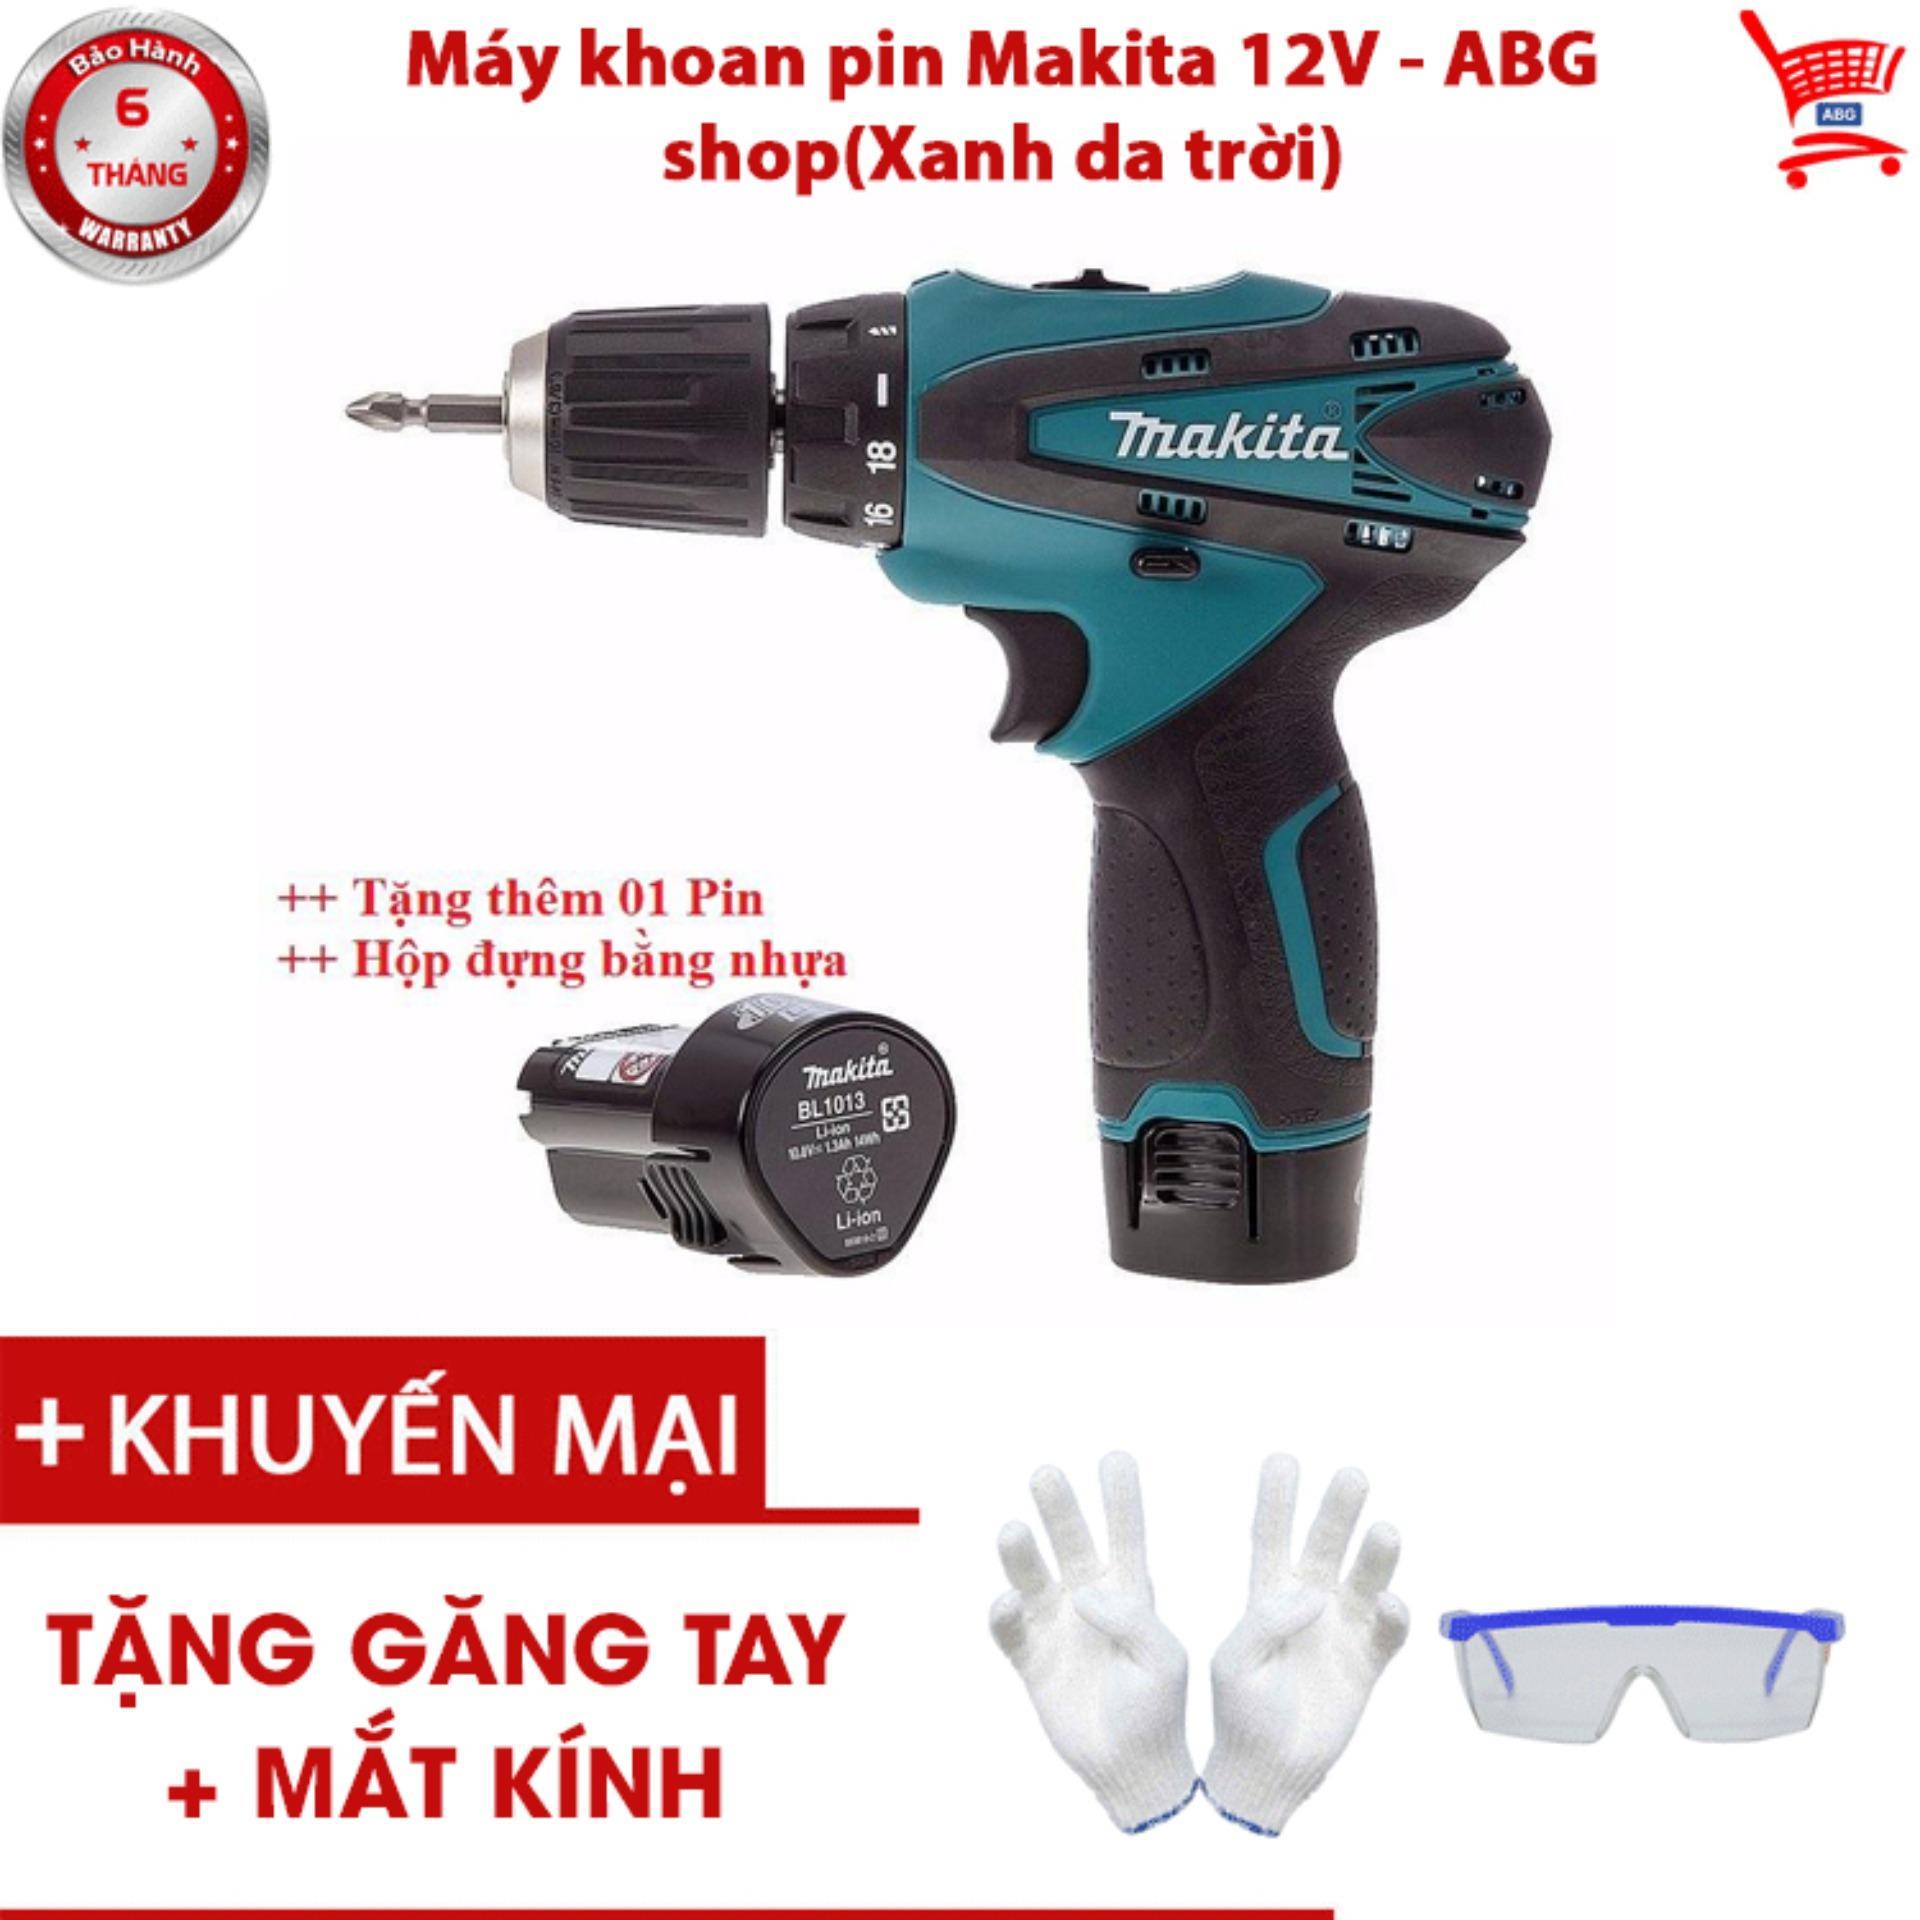 Máy khoan pin Makita 12V - ABG shop